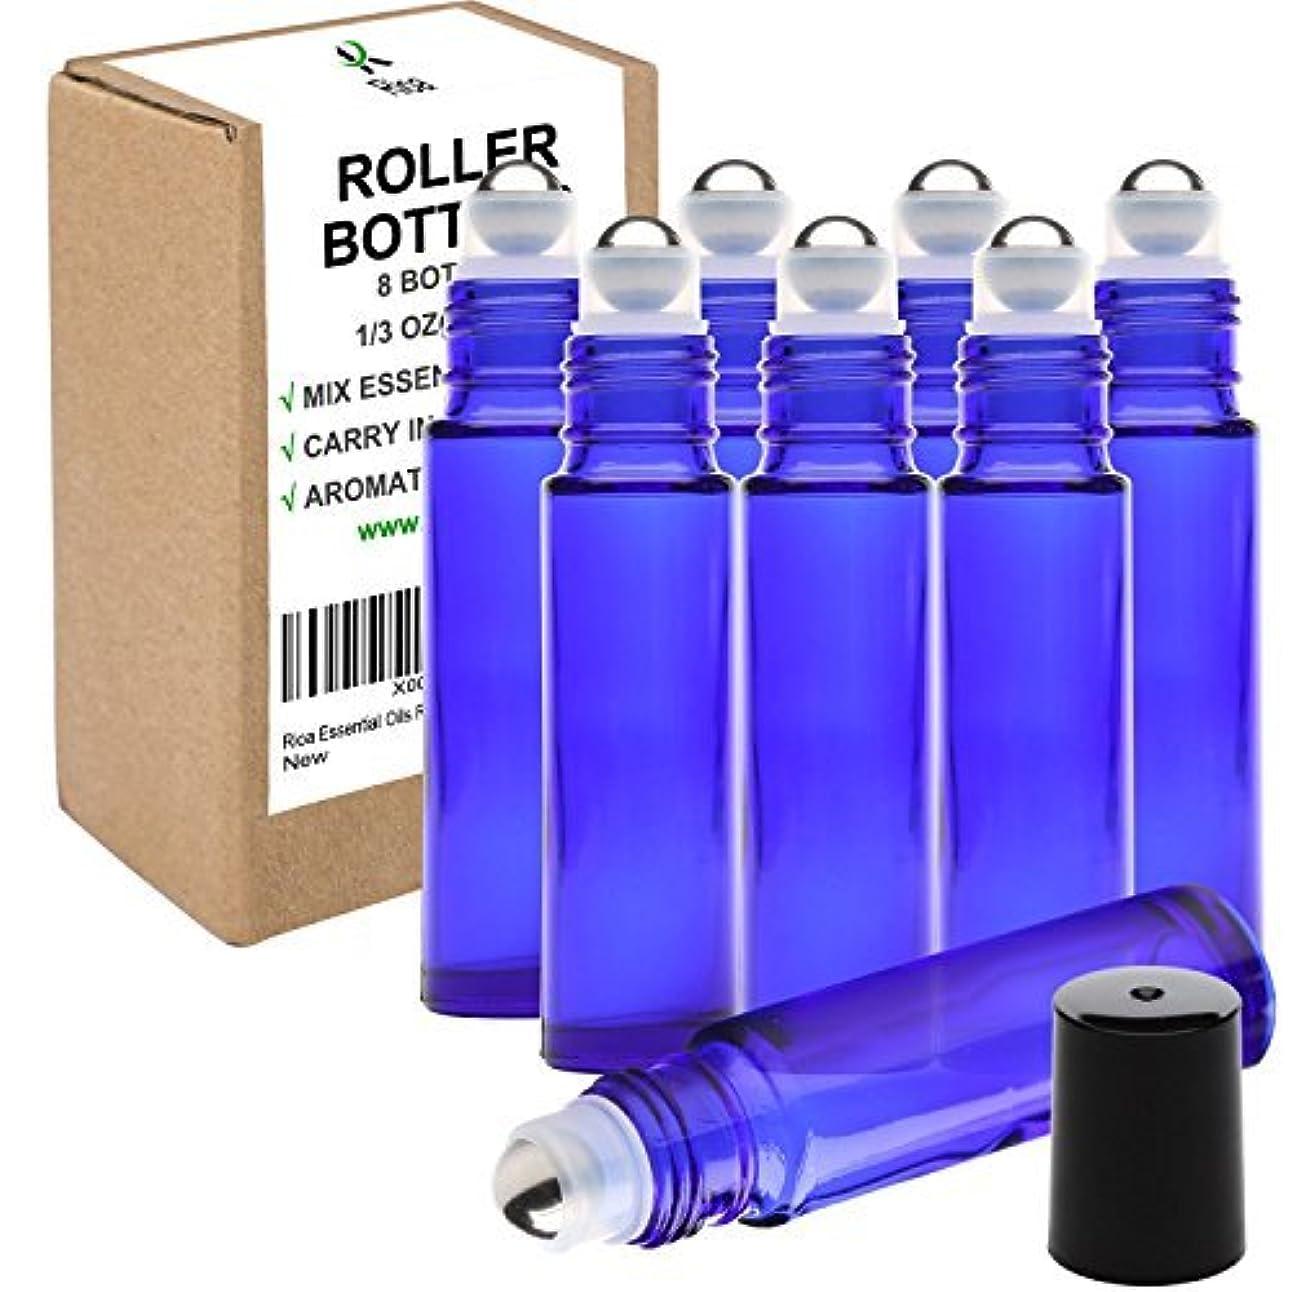 デンプシー進捗またはどちらかRioa 10ml(1/3oz) Cobalt Blue Glass Roller Bottles With Stainless Steel Roller Ball for Essential Oil - Include...